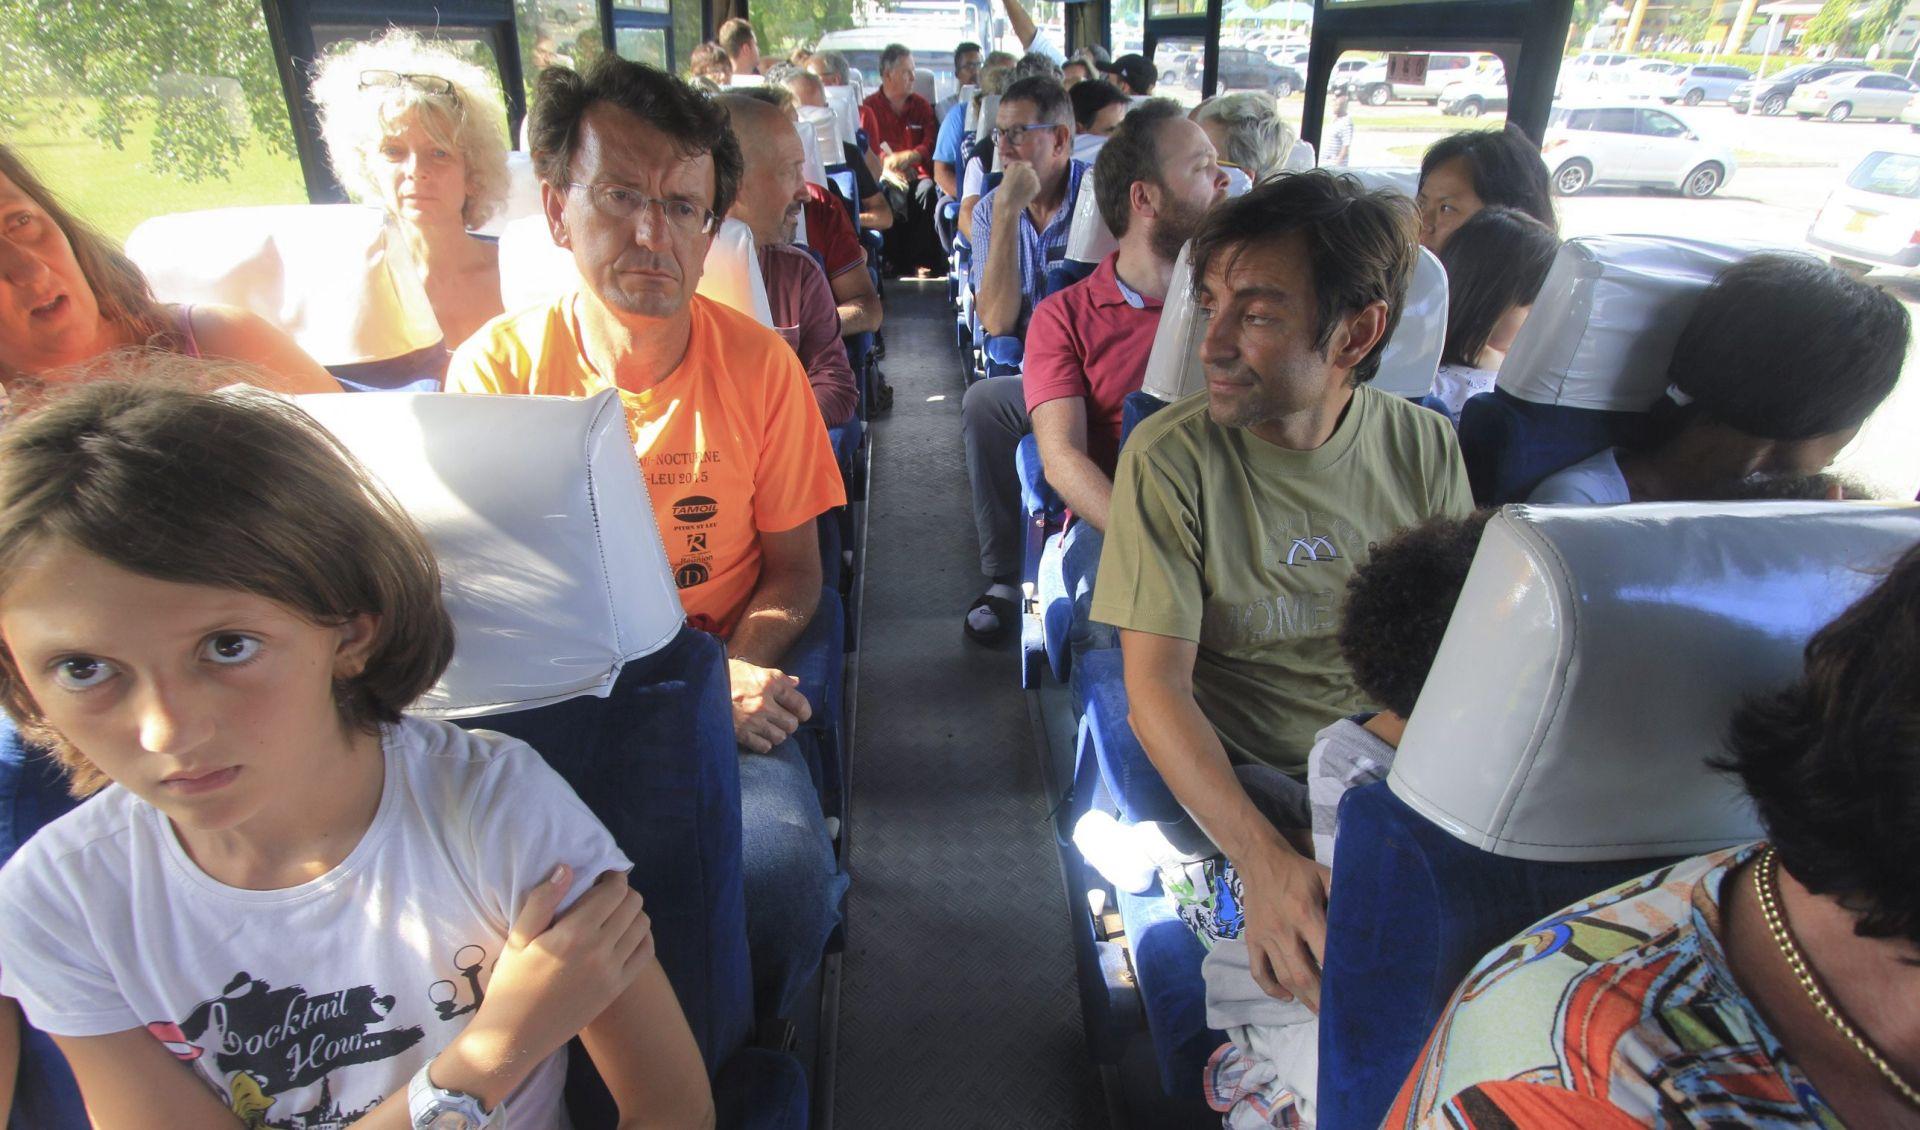 ANALIZA POKAZALA: U avionu sa 459 putnika i 14 članova posade pronađena bomba, putnici evakuirani